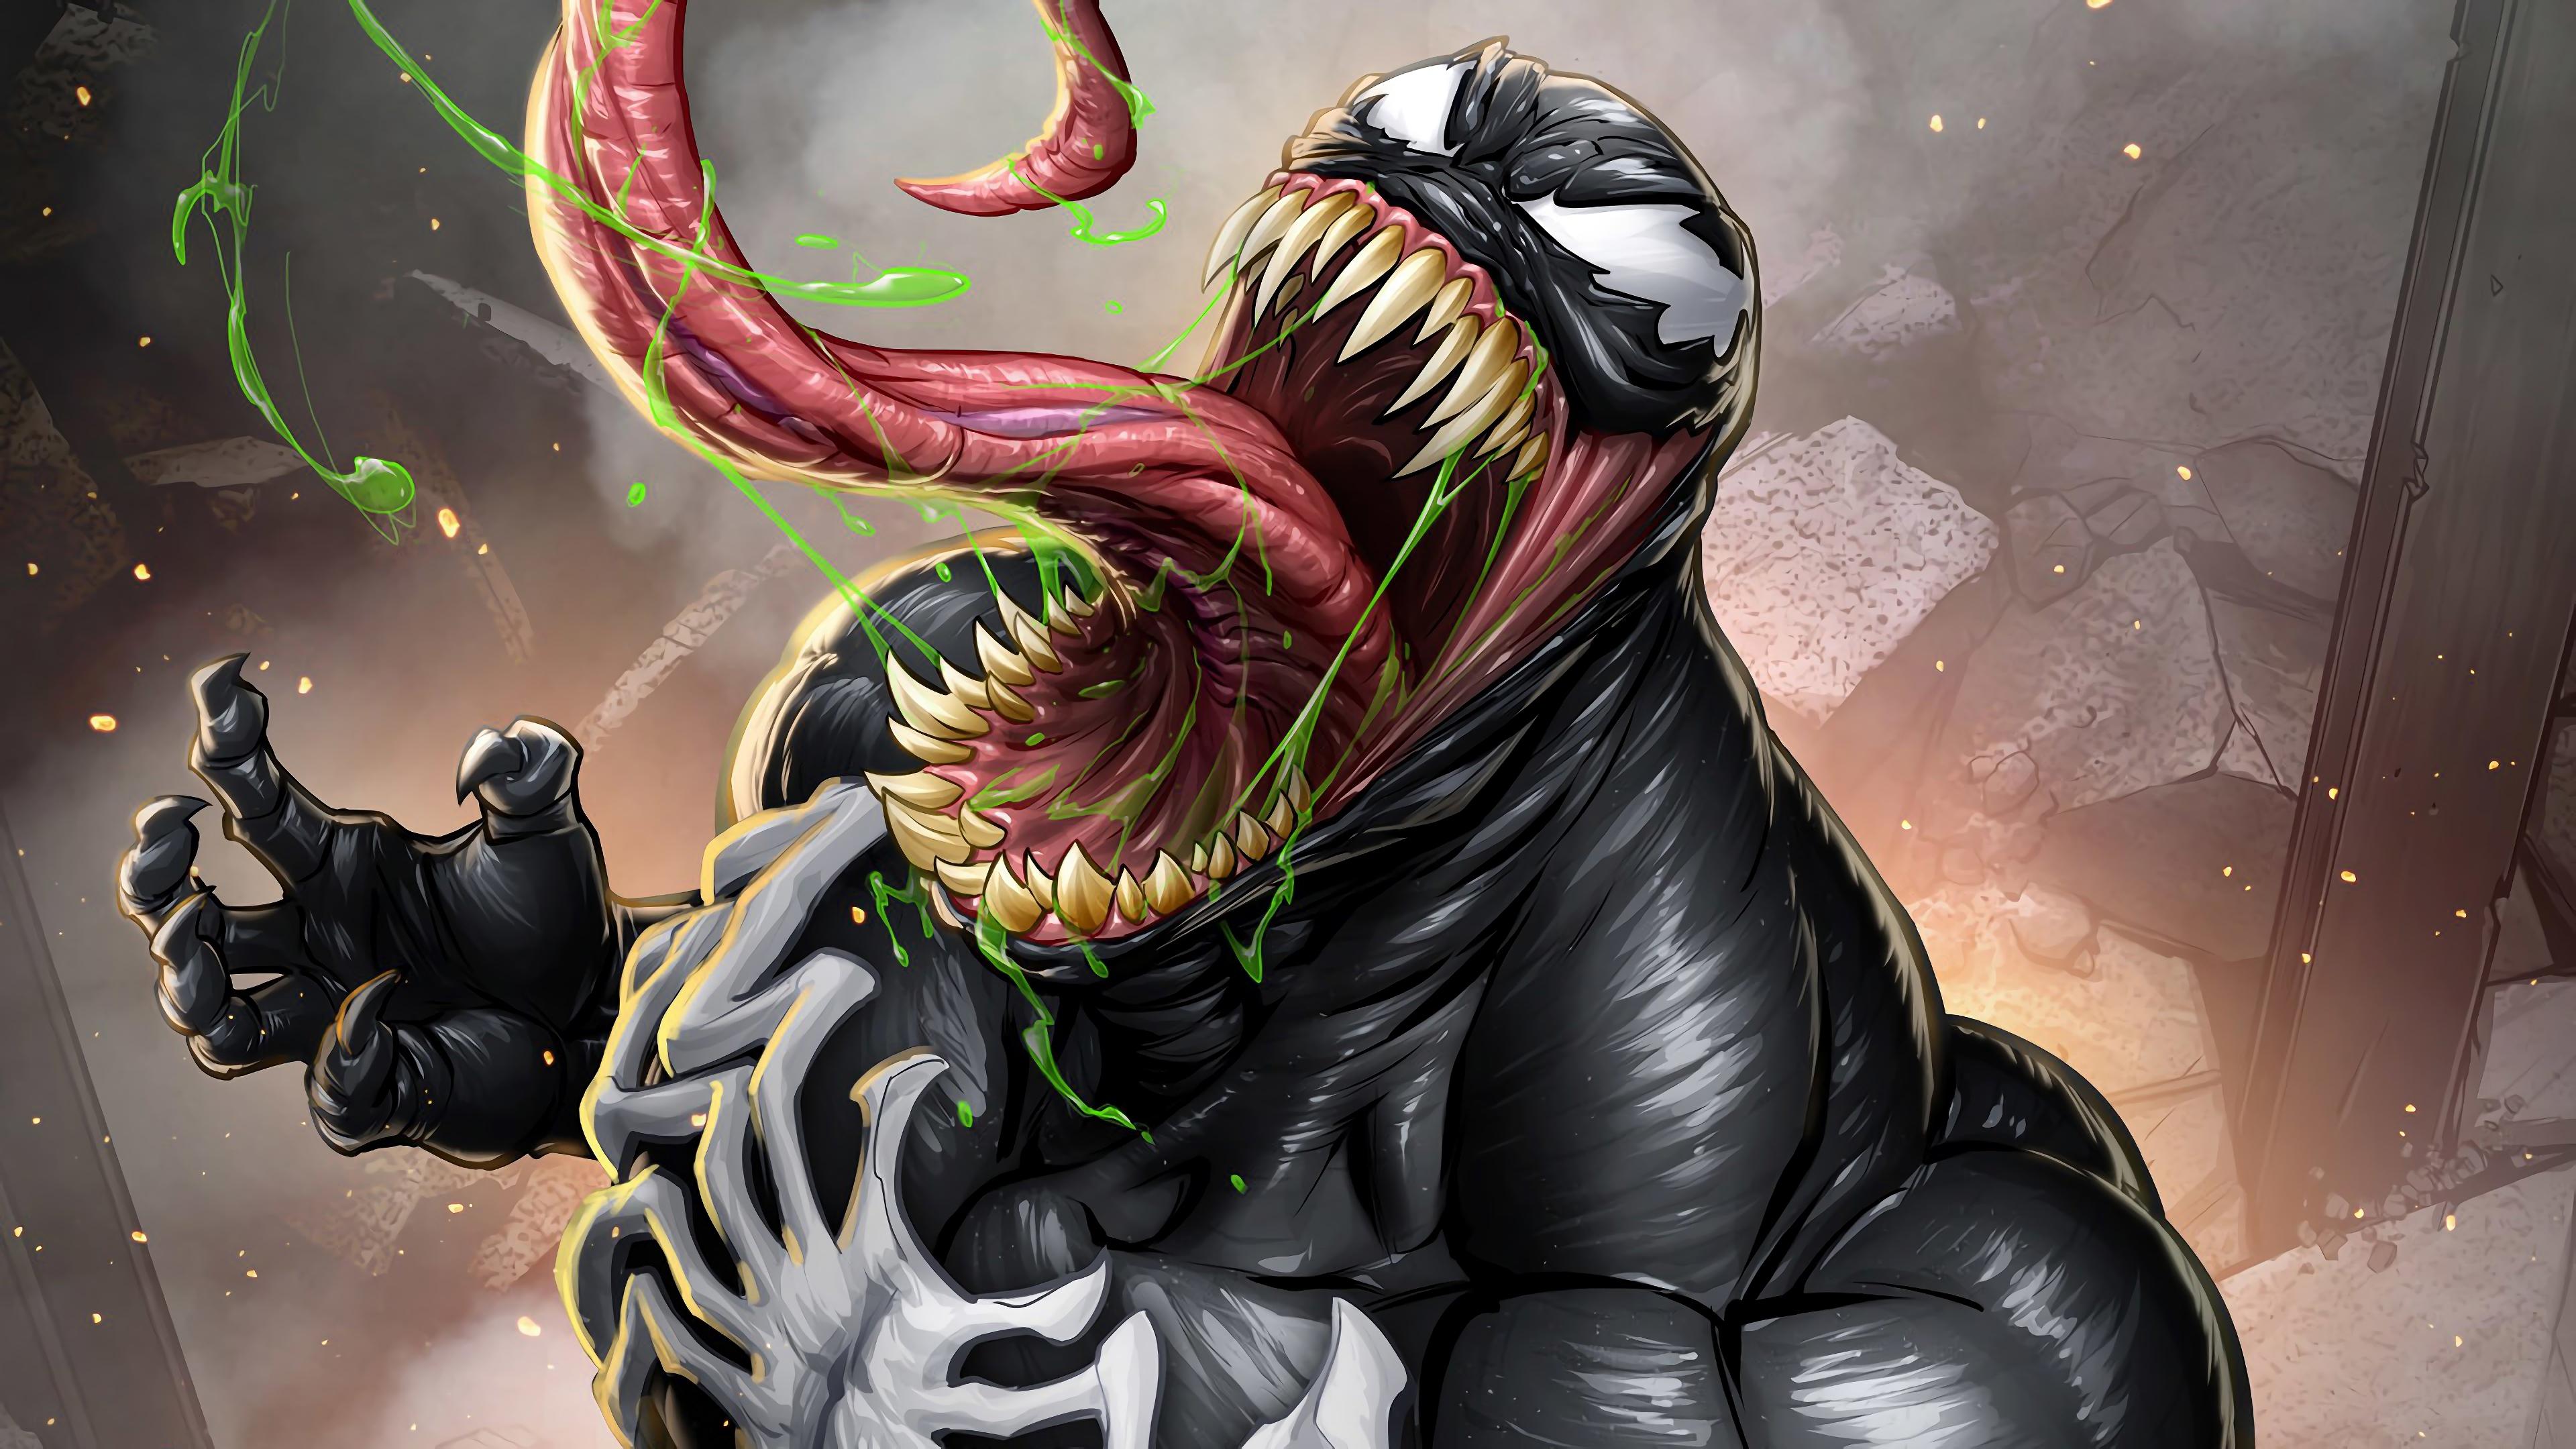 Venom Comics Wallpaper 4k - 3840x2160 - Download HD ...